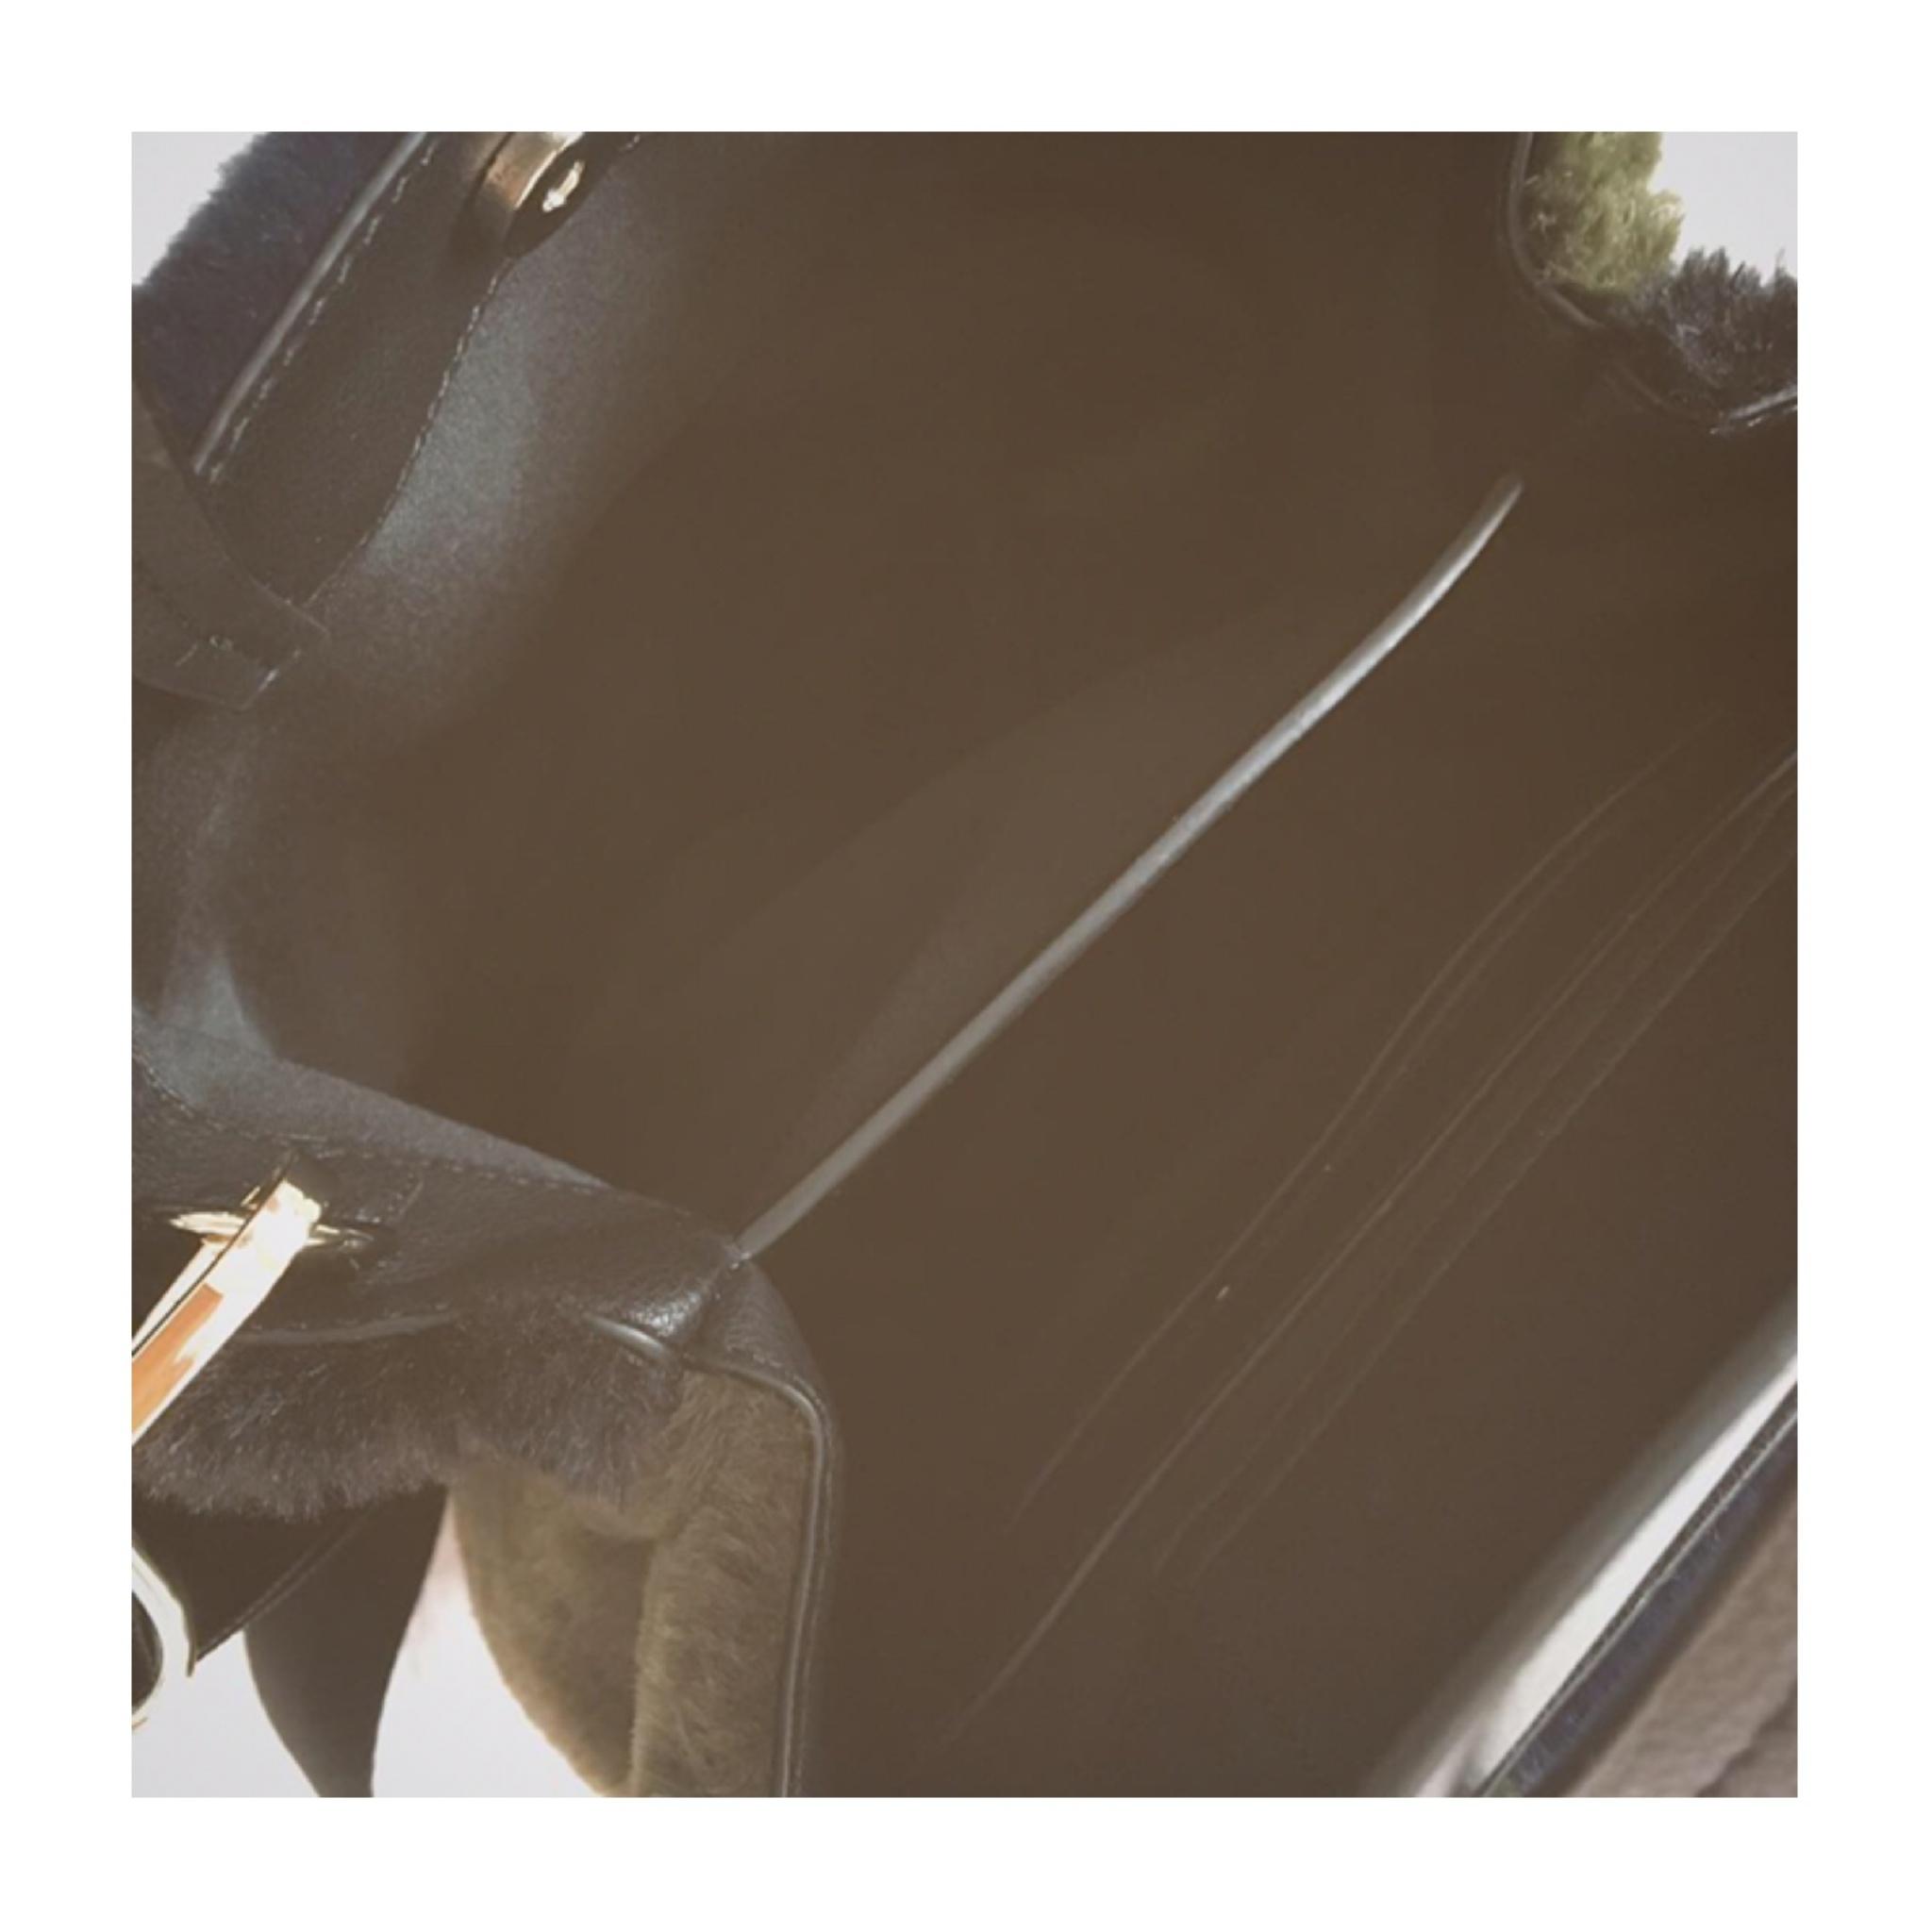 《ザラジョ必見❤️》褒められアイテム✌︎【ZARA】の2WAYファーバッグが高見えで可愛すぎる!_4